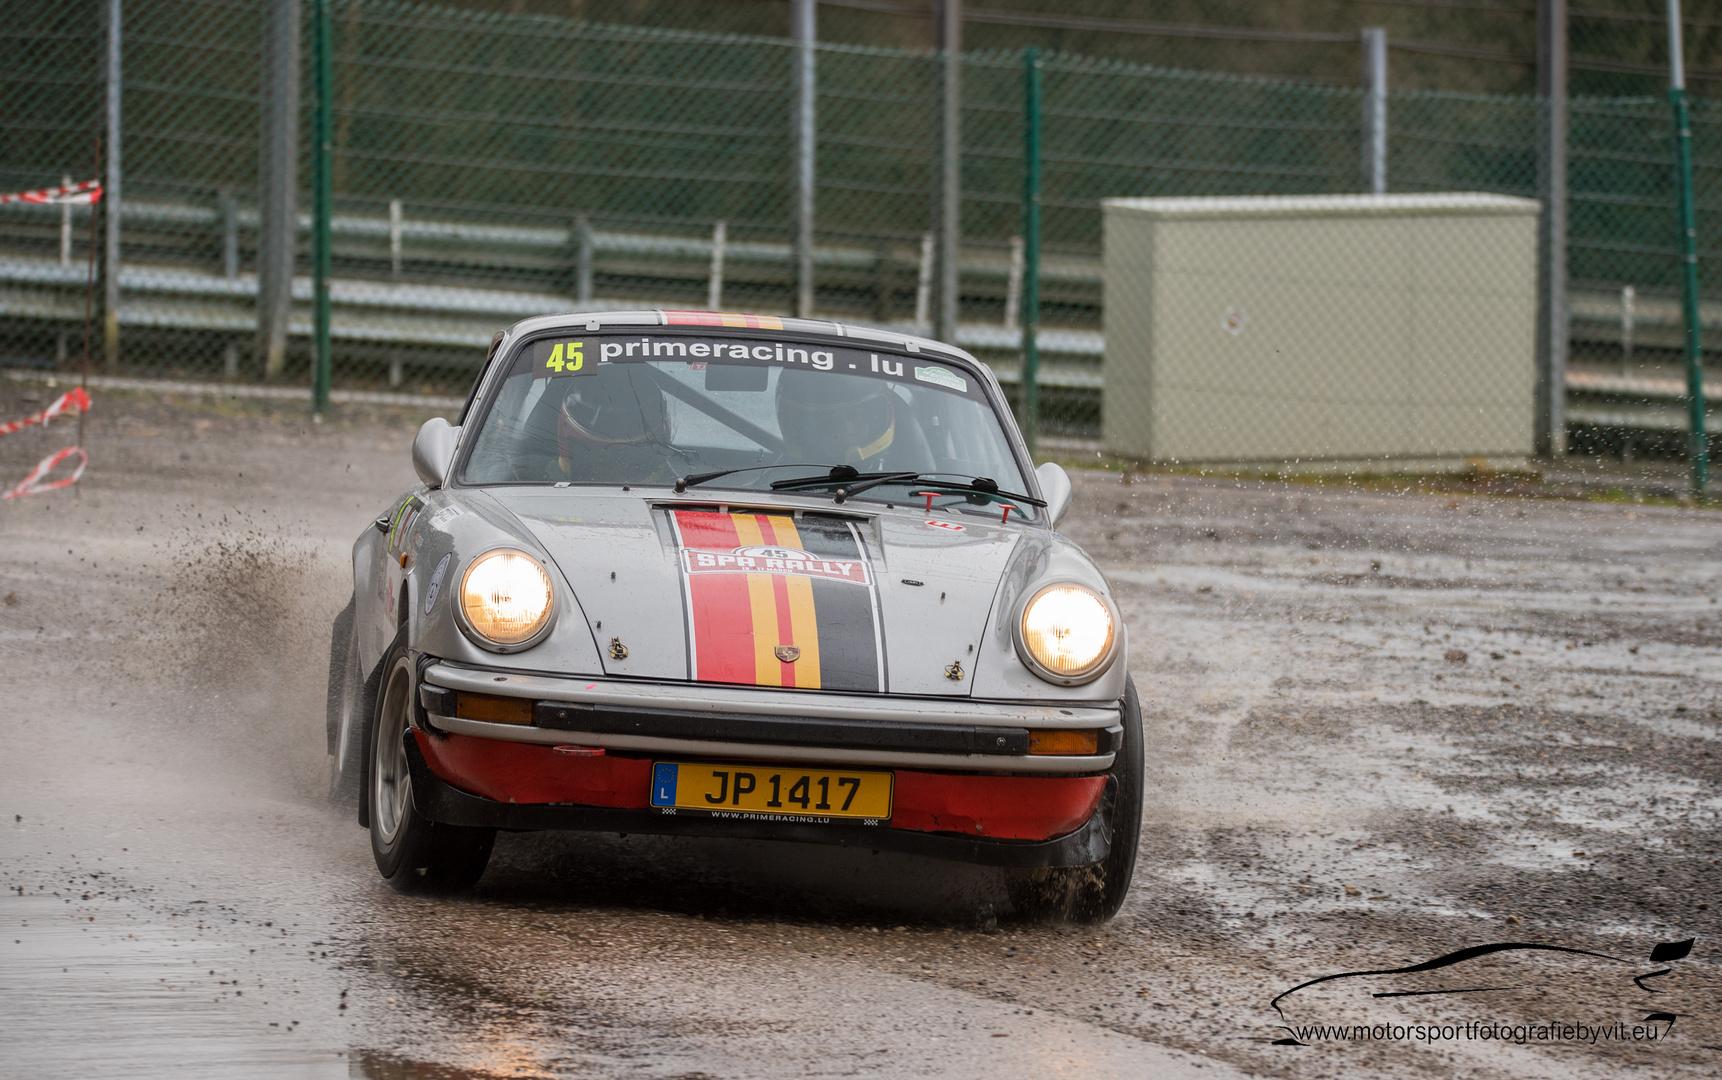 Porsche in Rallying Season 2019 Part 3